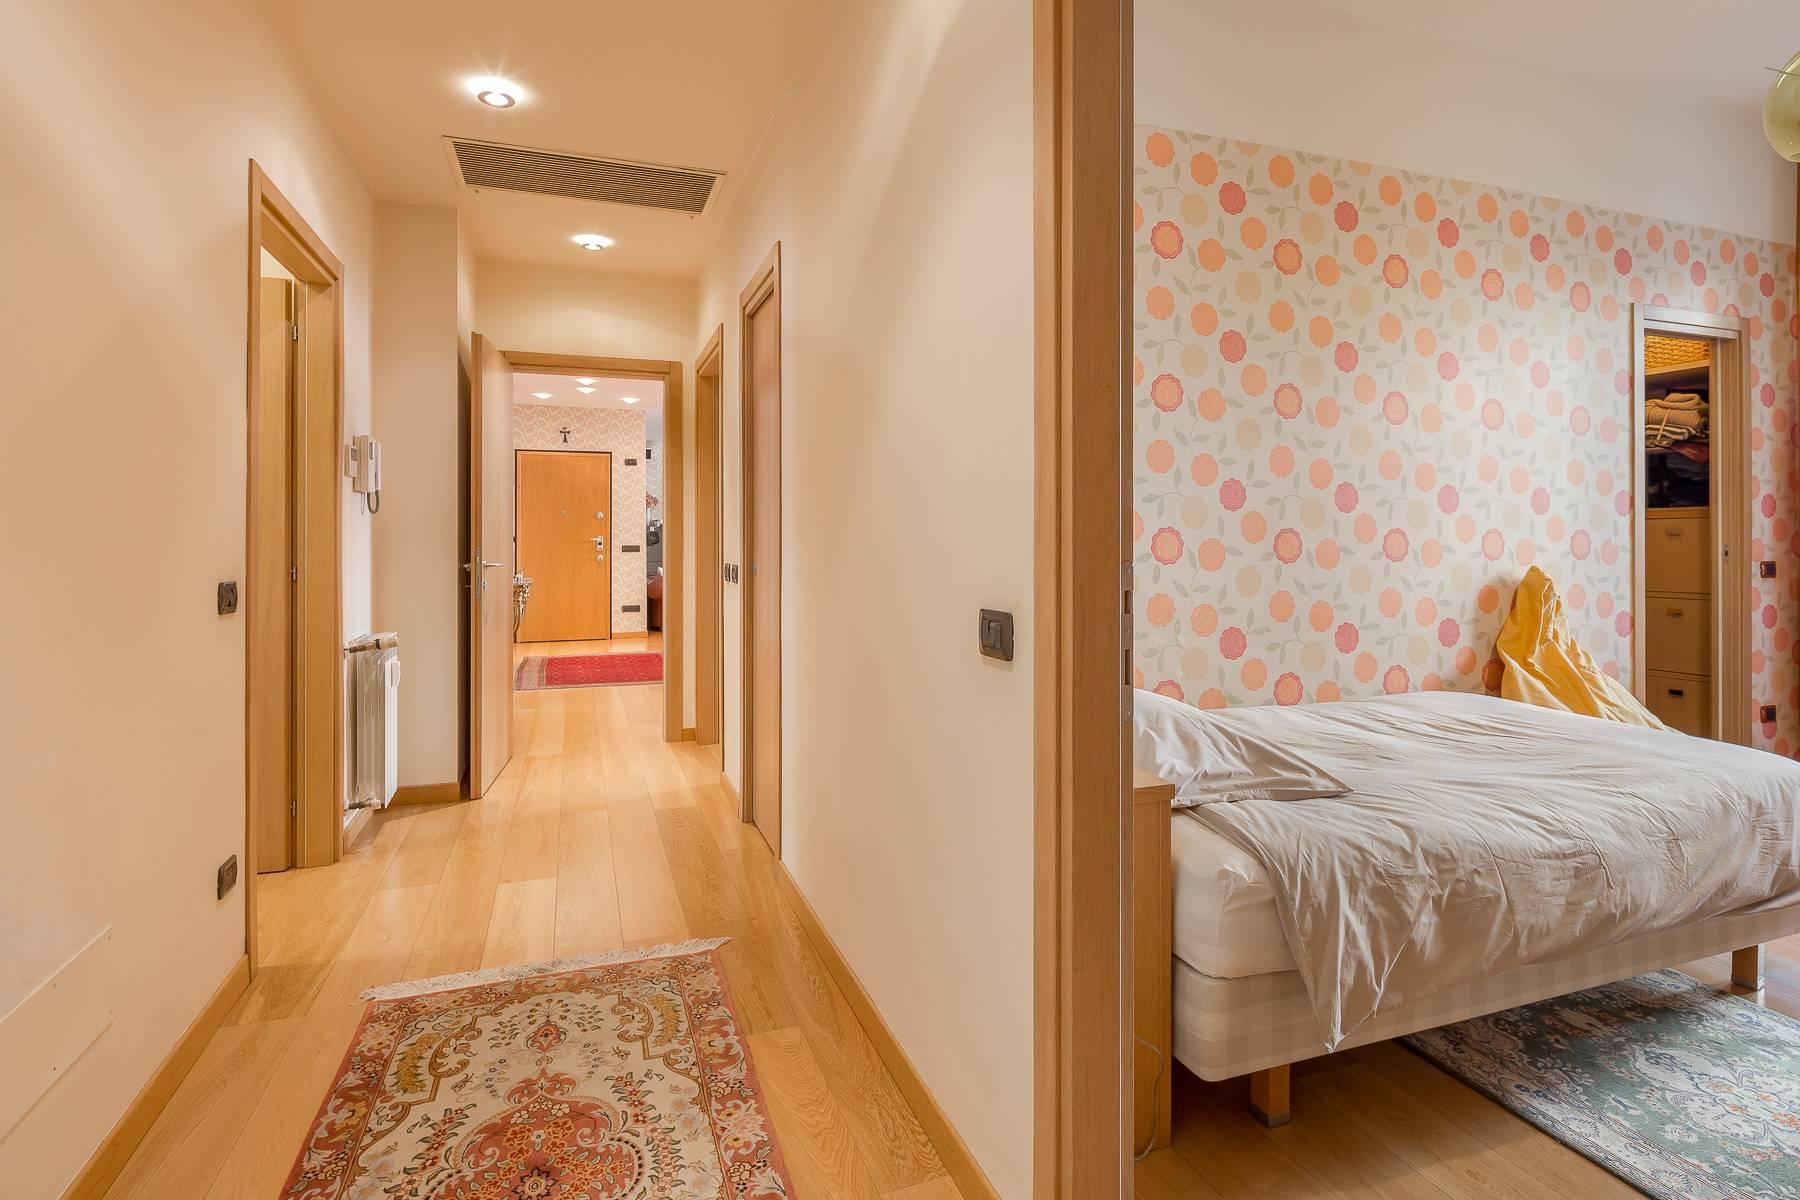 Квартира в классическом стиле на via Besana - 20